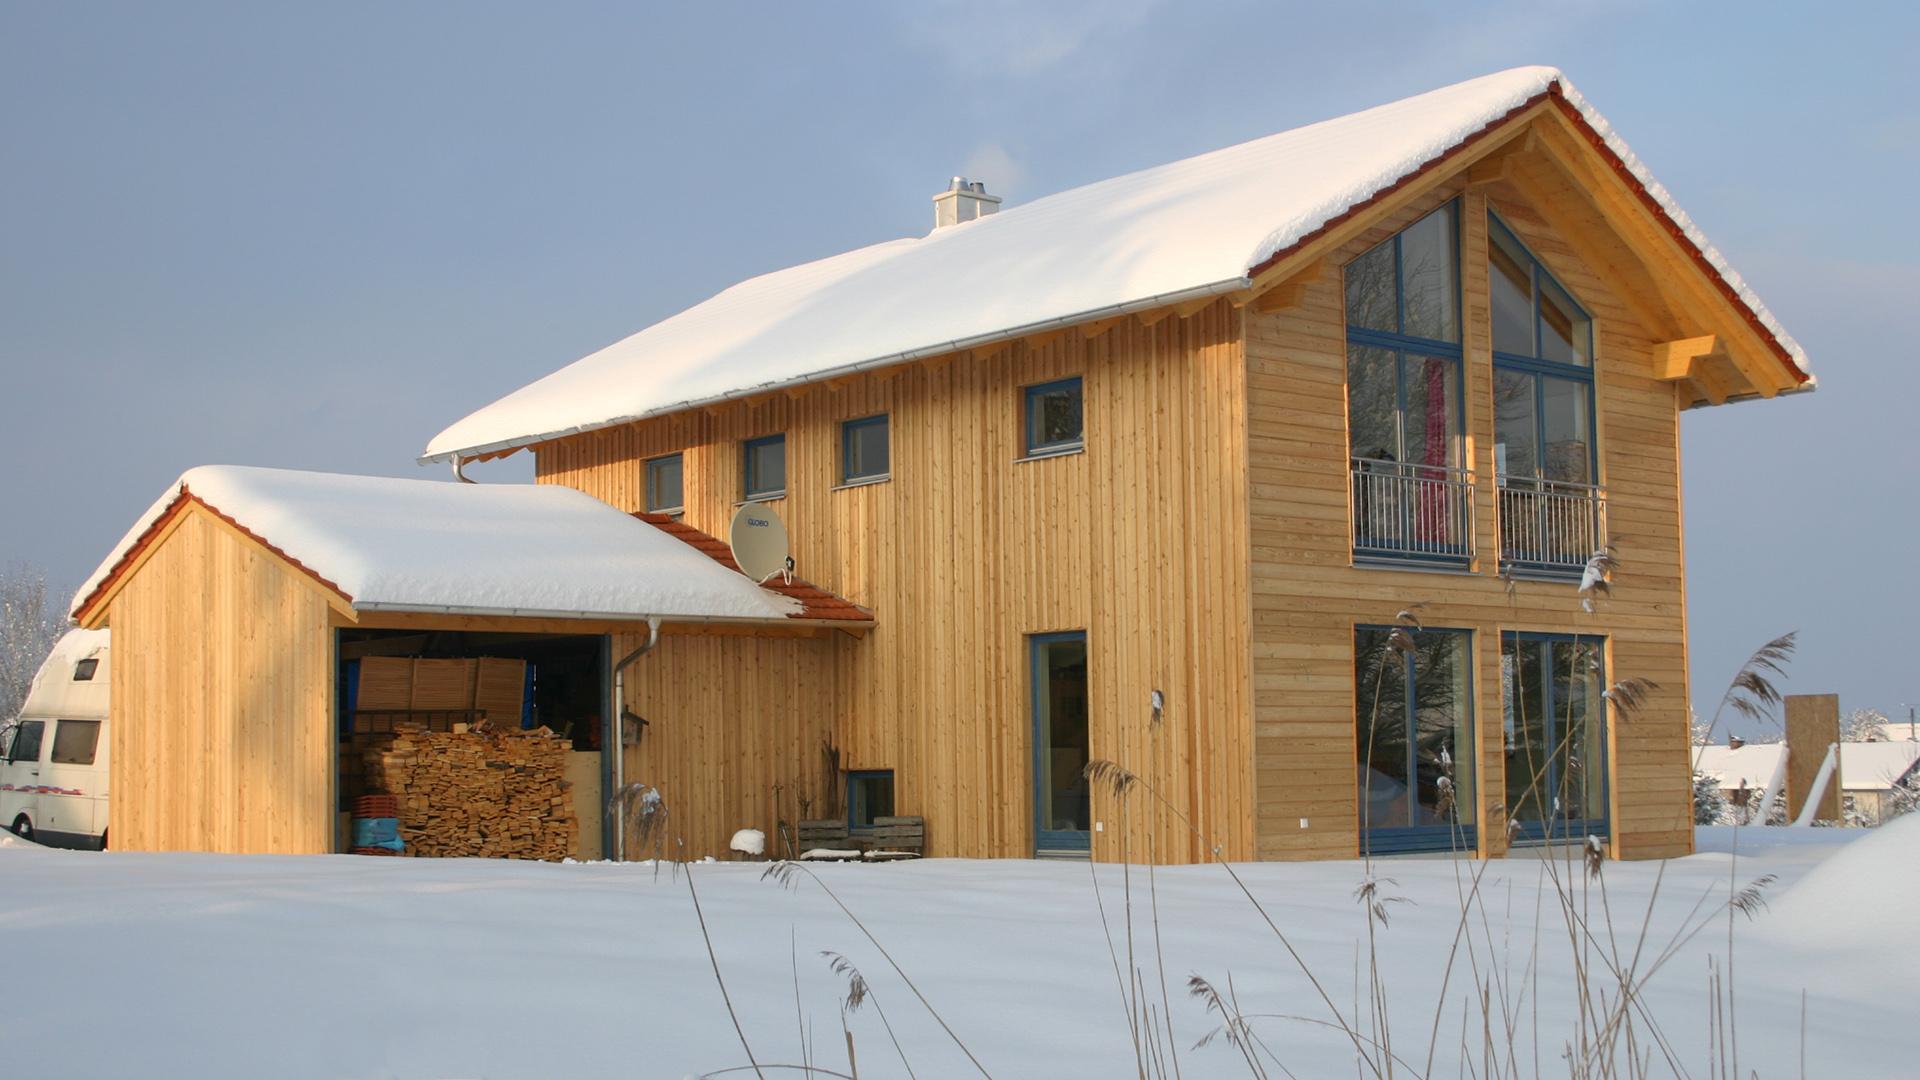 zimmerei maicher niedrigenergie massivholzhaus f r perfektes wohnen. Black Bedroom Furniture Sets. Home Design Ideas